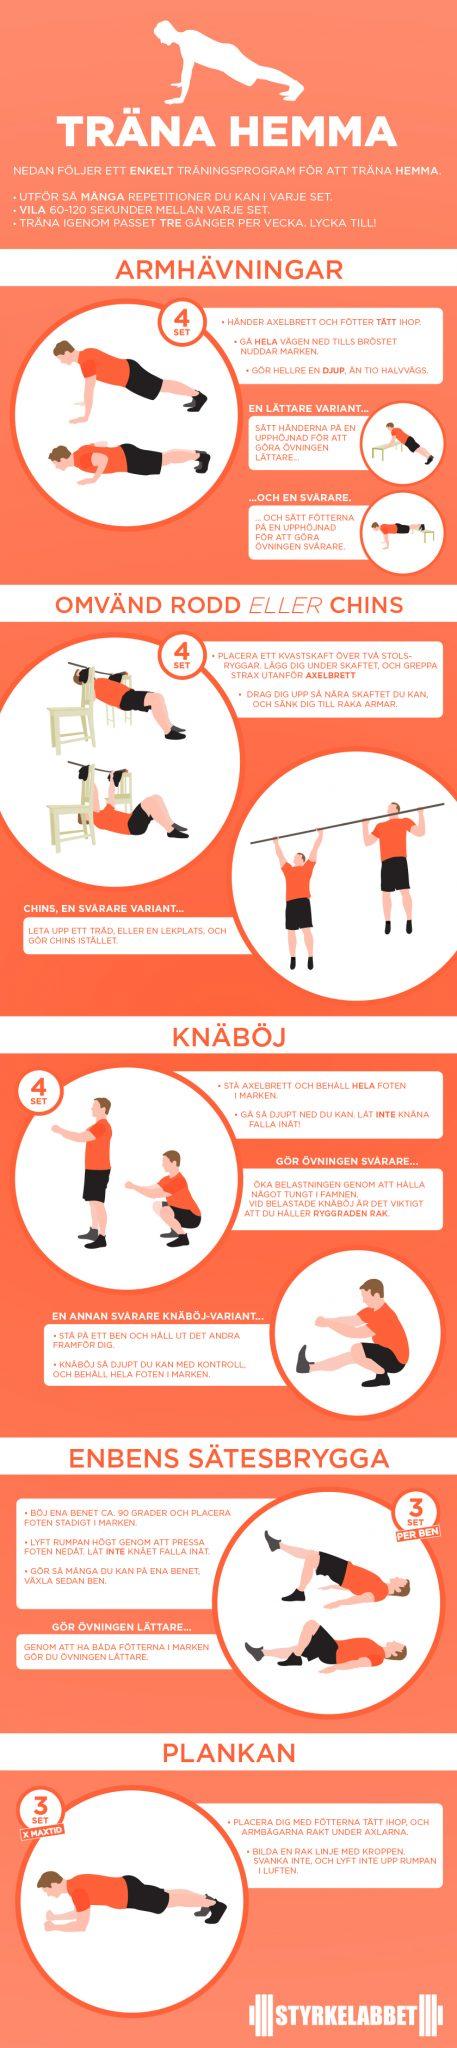 gymgrossisten träningsschema kille